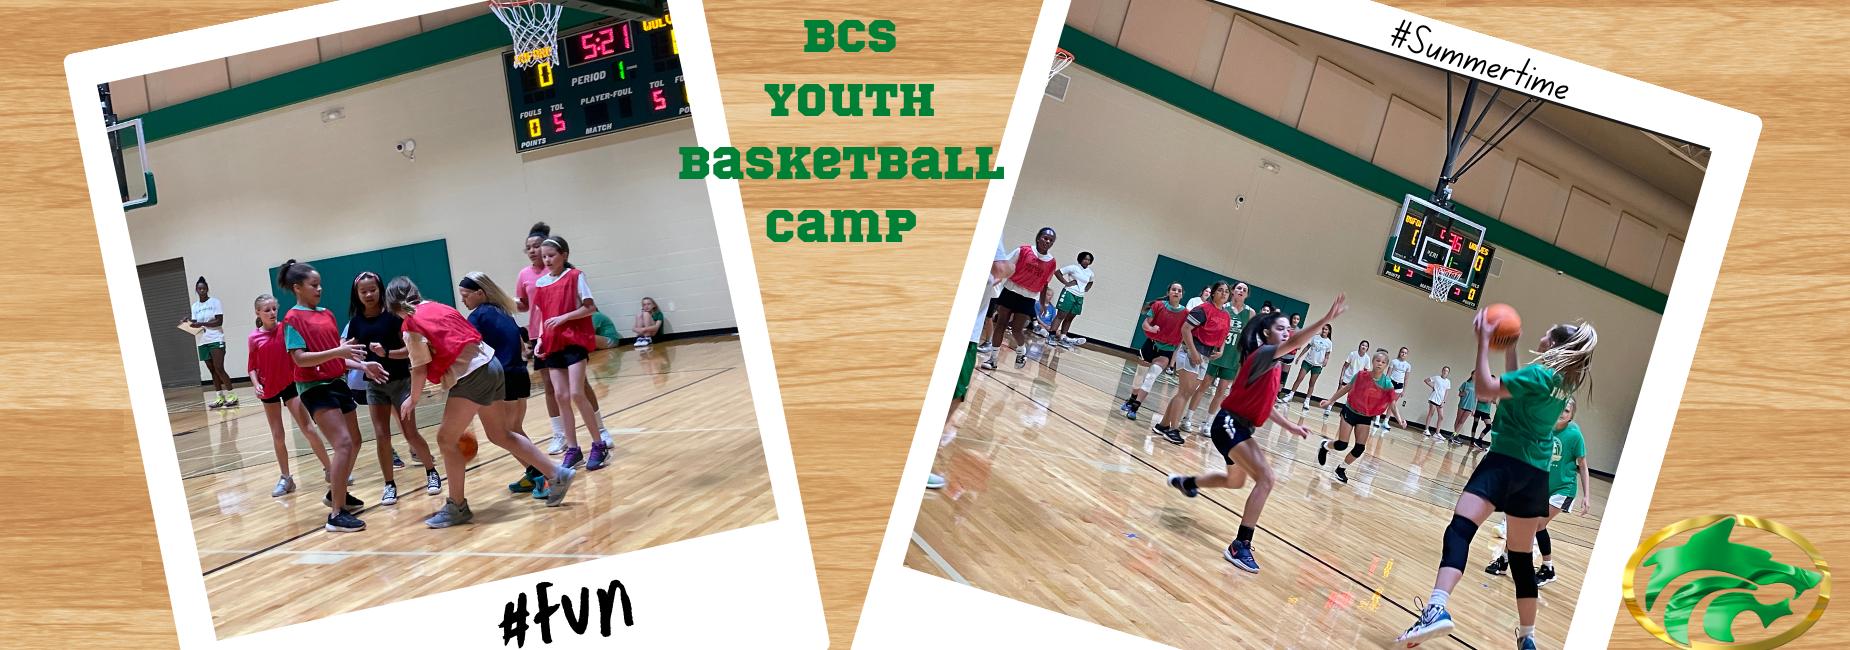 BCS Basketball Camp